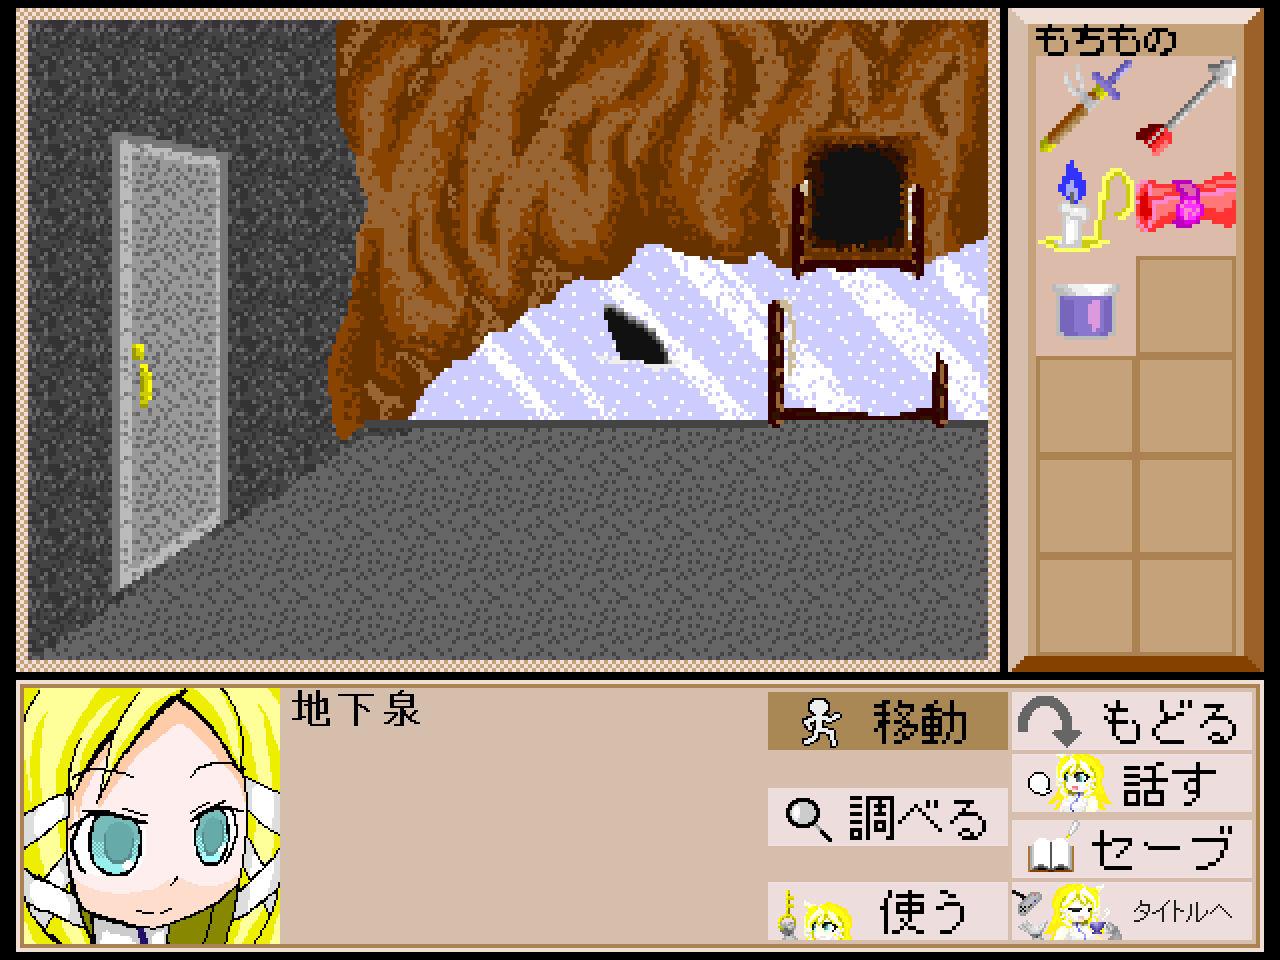 サンプル画像1:SORCERESS GATE 〜ソーサレスゲート〜(KuroCat) [d_176326]